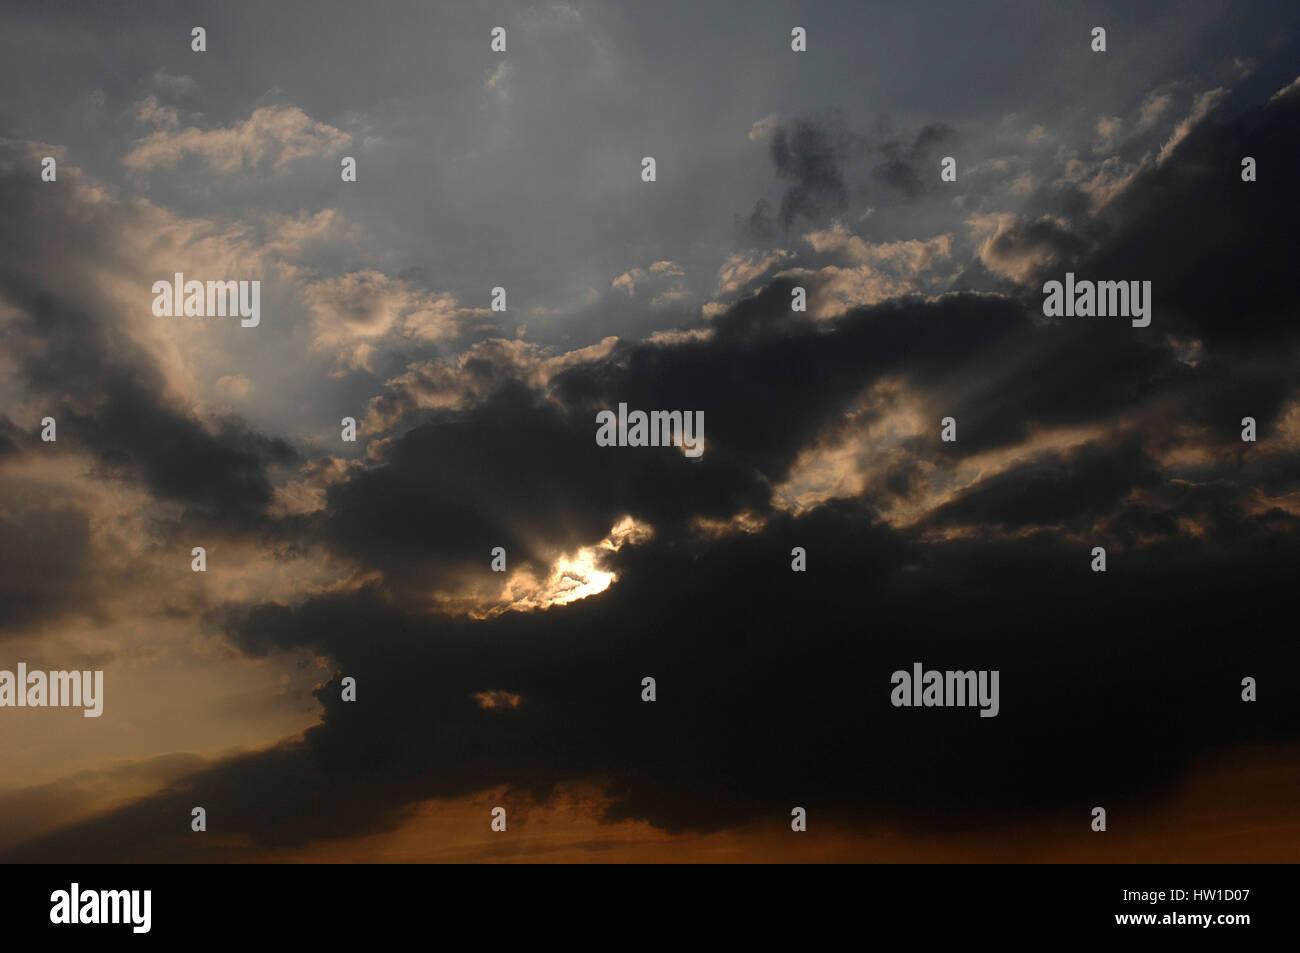 Light and shade, Licht und Schatten - Stock Image